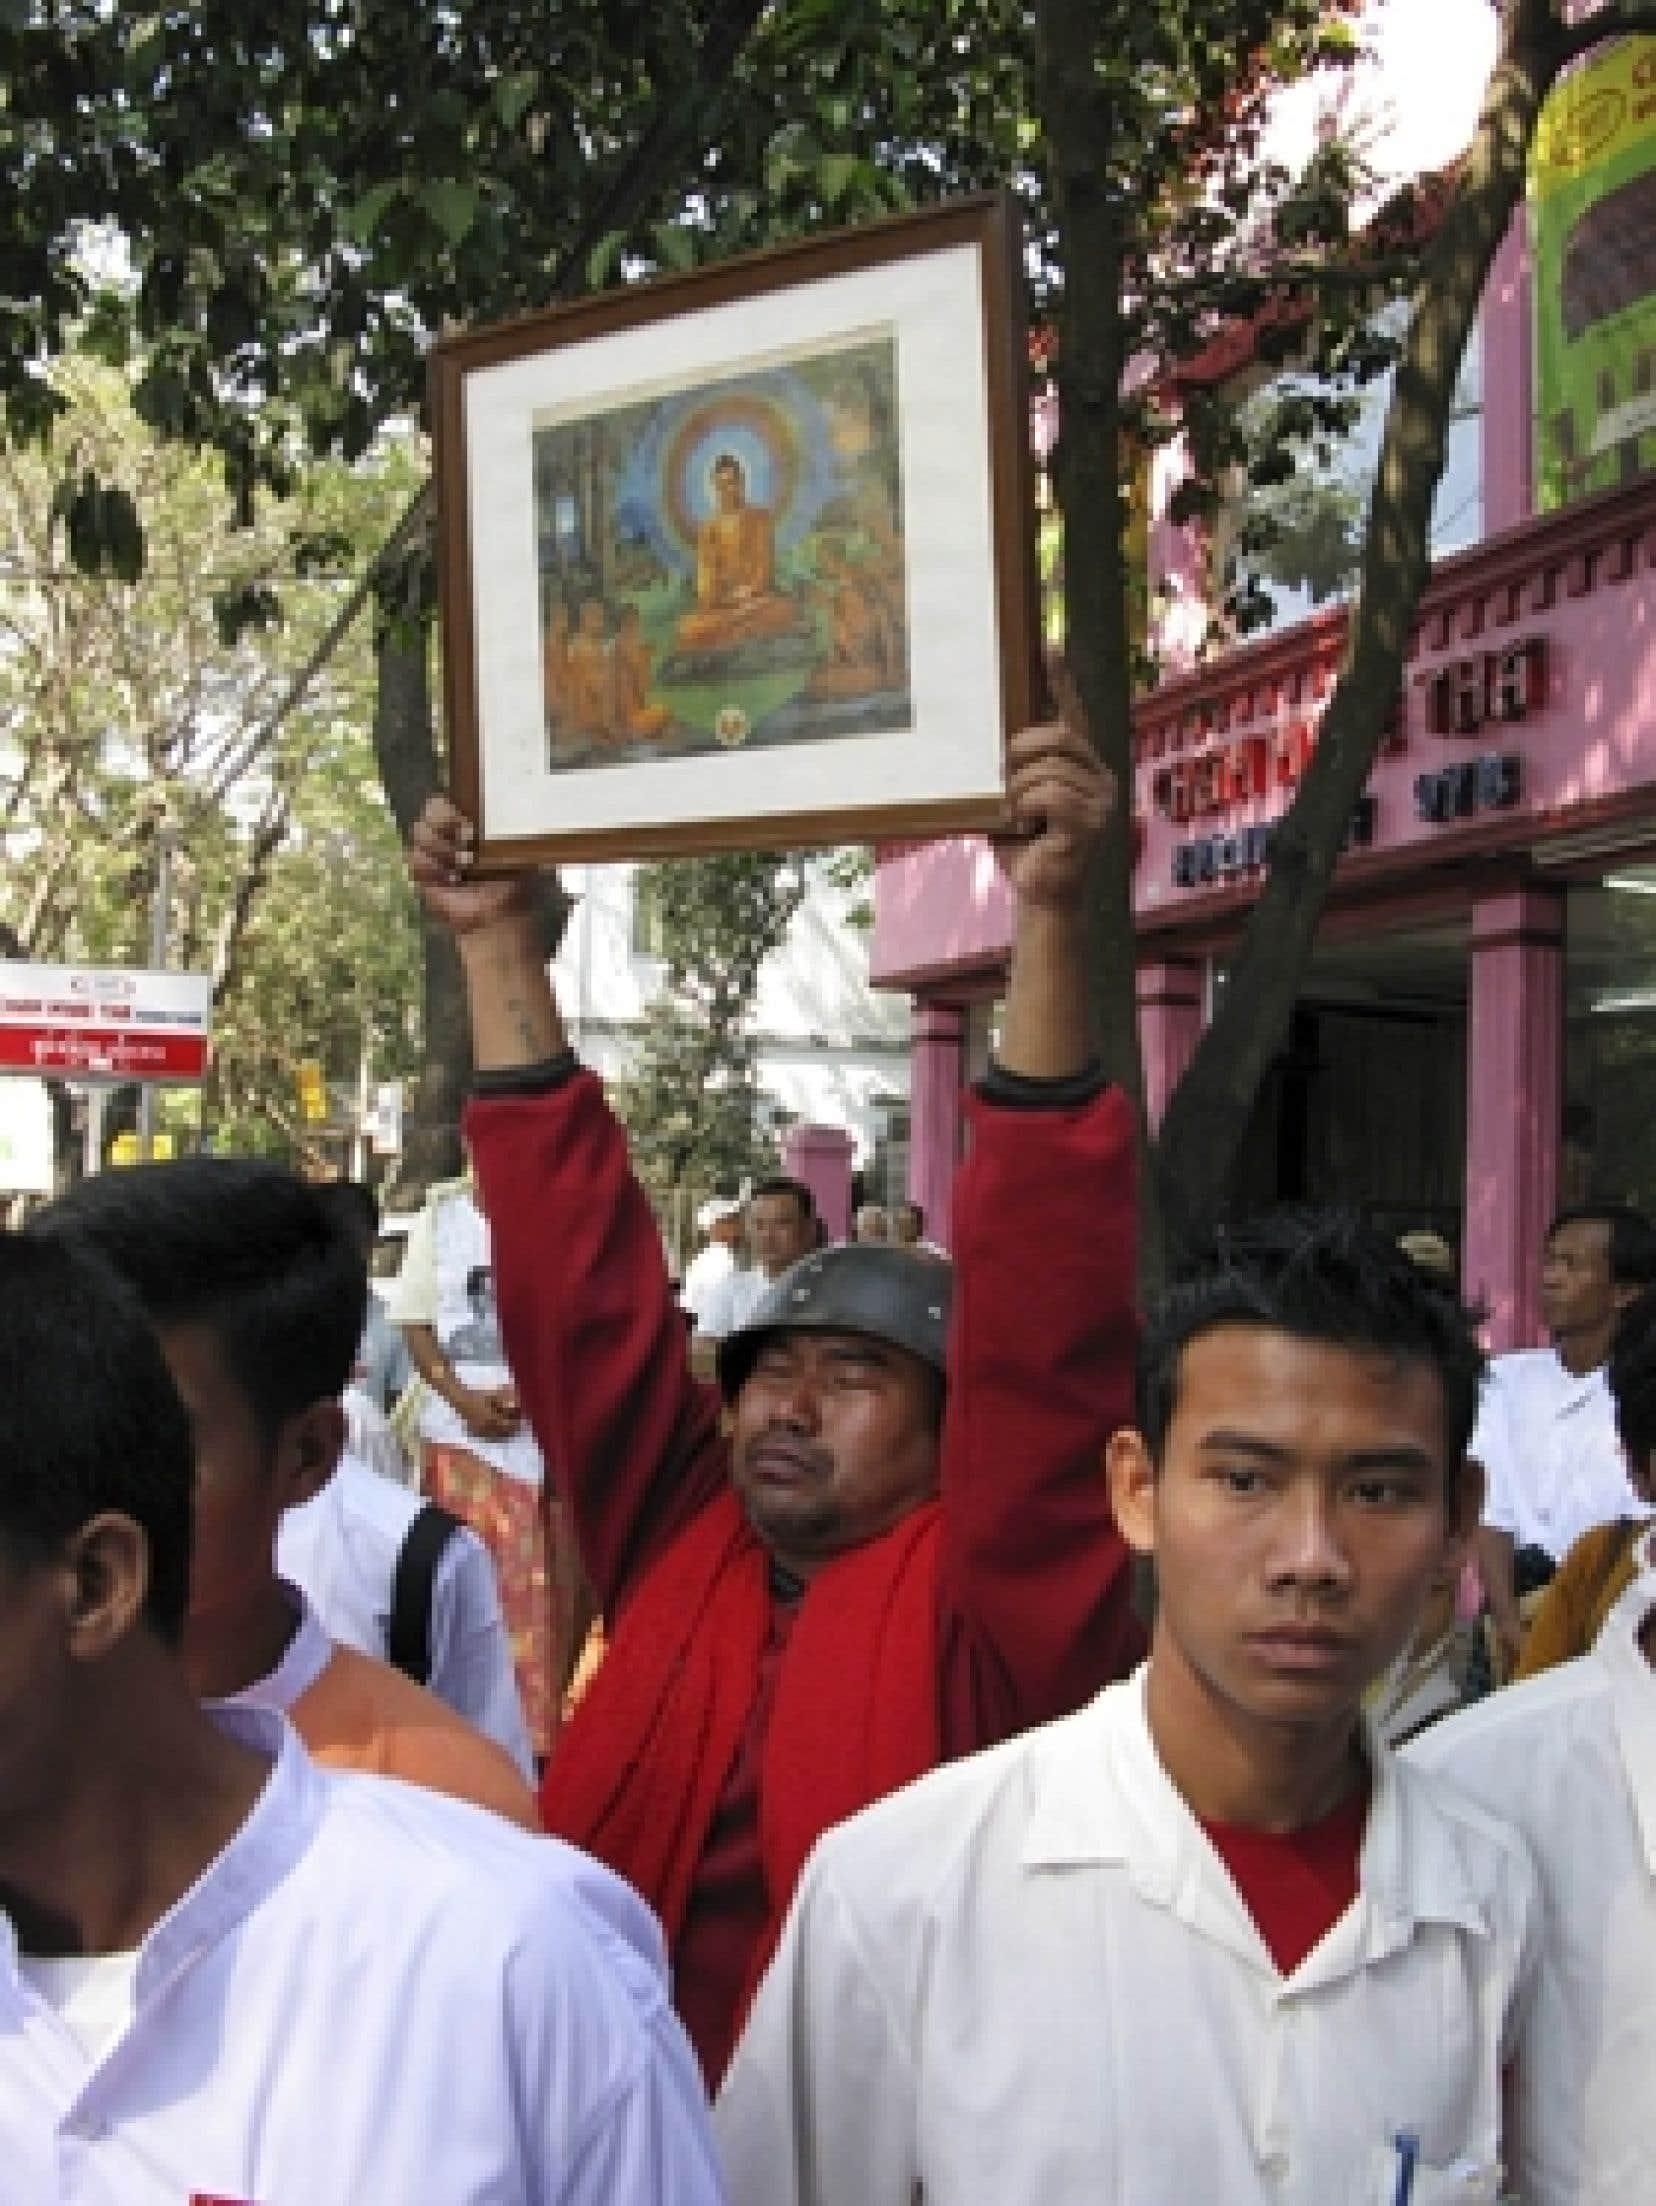 Un casque militaire et une image de Bouddha: à l'instar de ce manifestant, ils étaient 350 à protester, hier dans les rues de la capitale, contre le régime militaire du Myanmar.